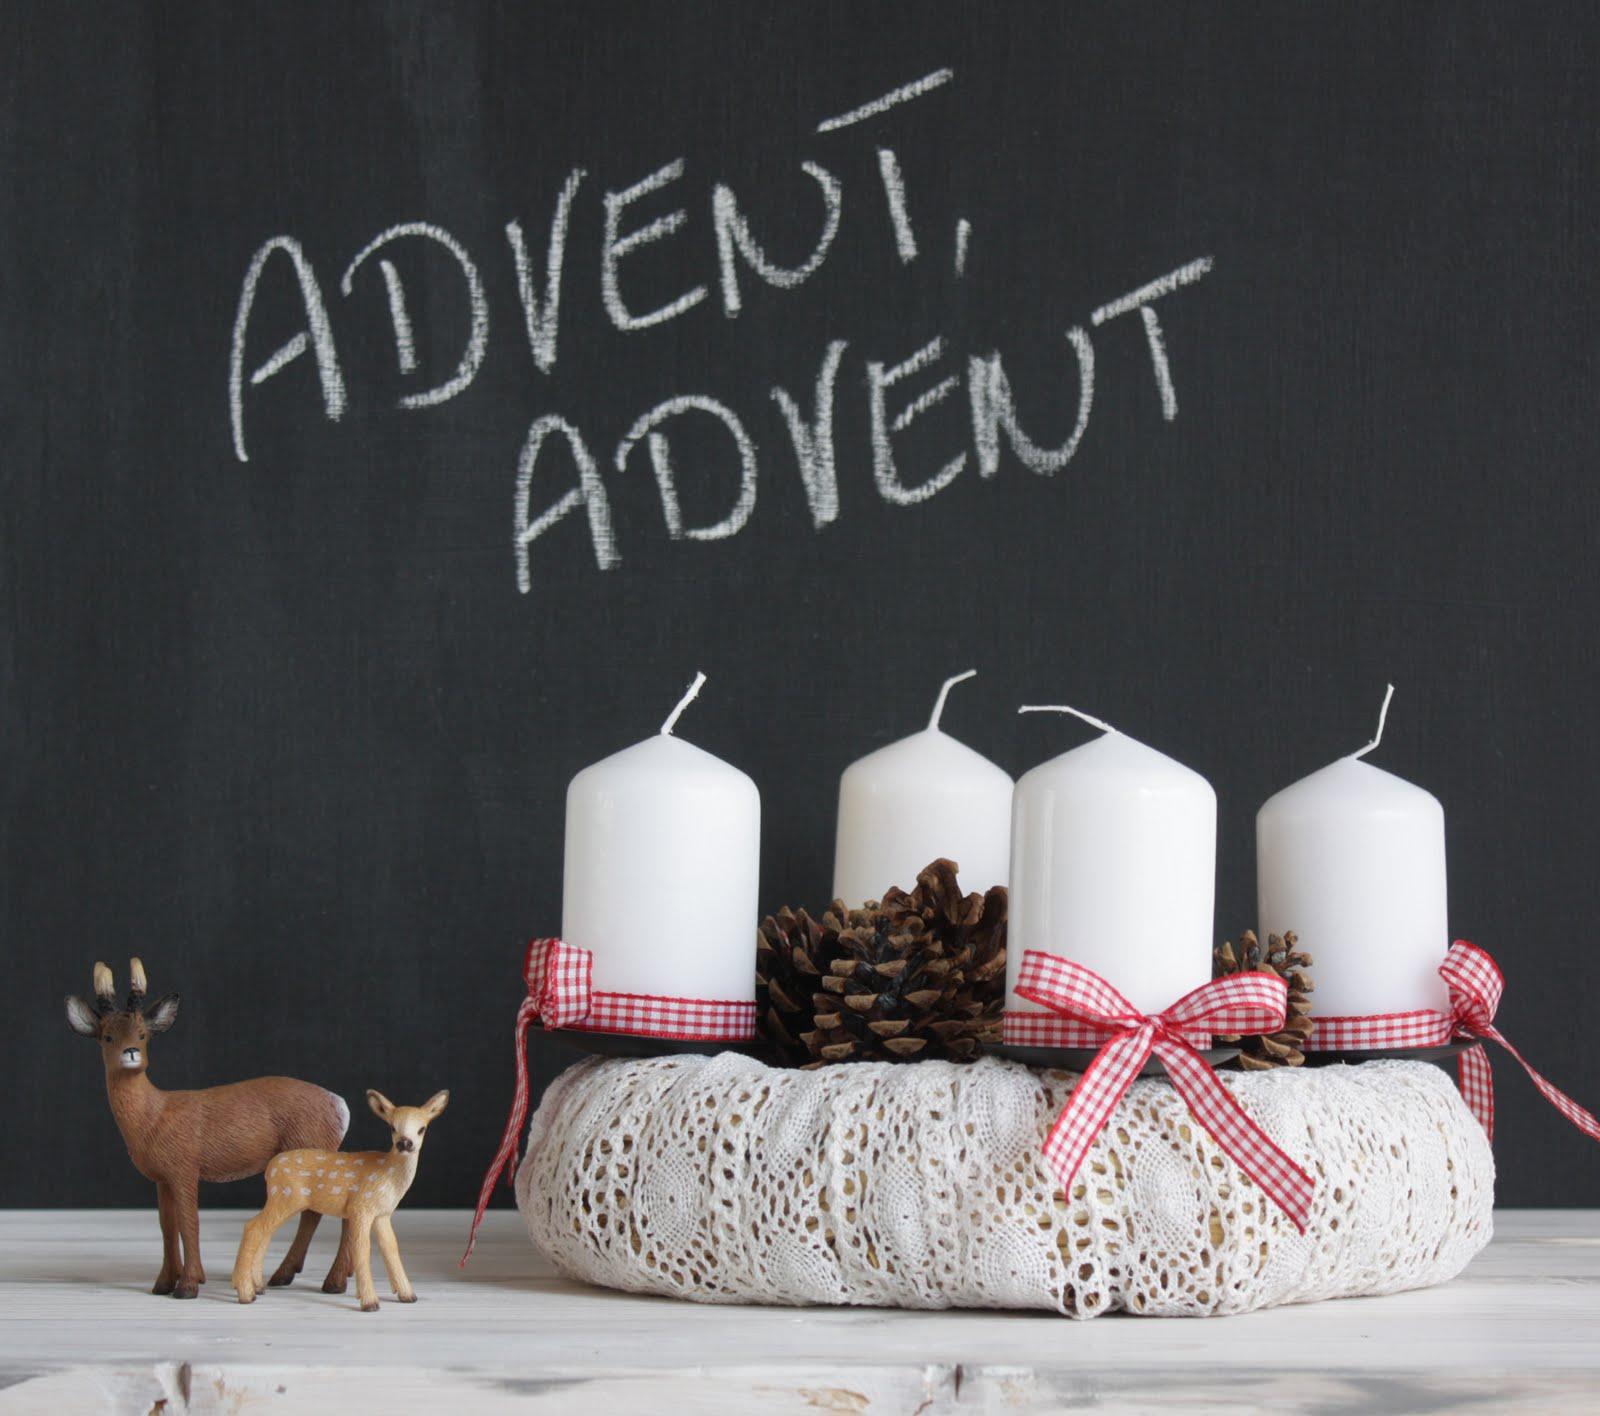 raumdinge advent advent. Black Bedroom Furniture Sets. Home Design Ideas